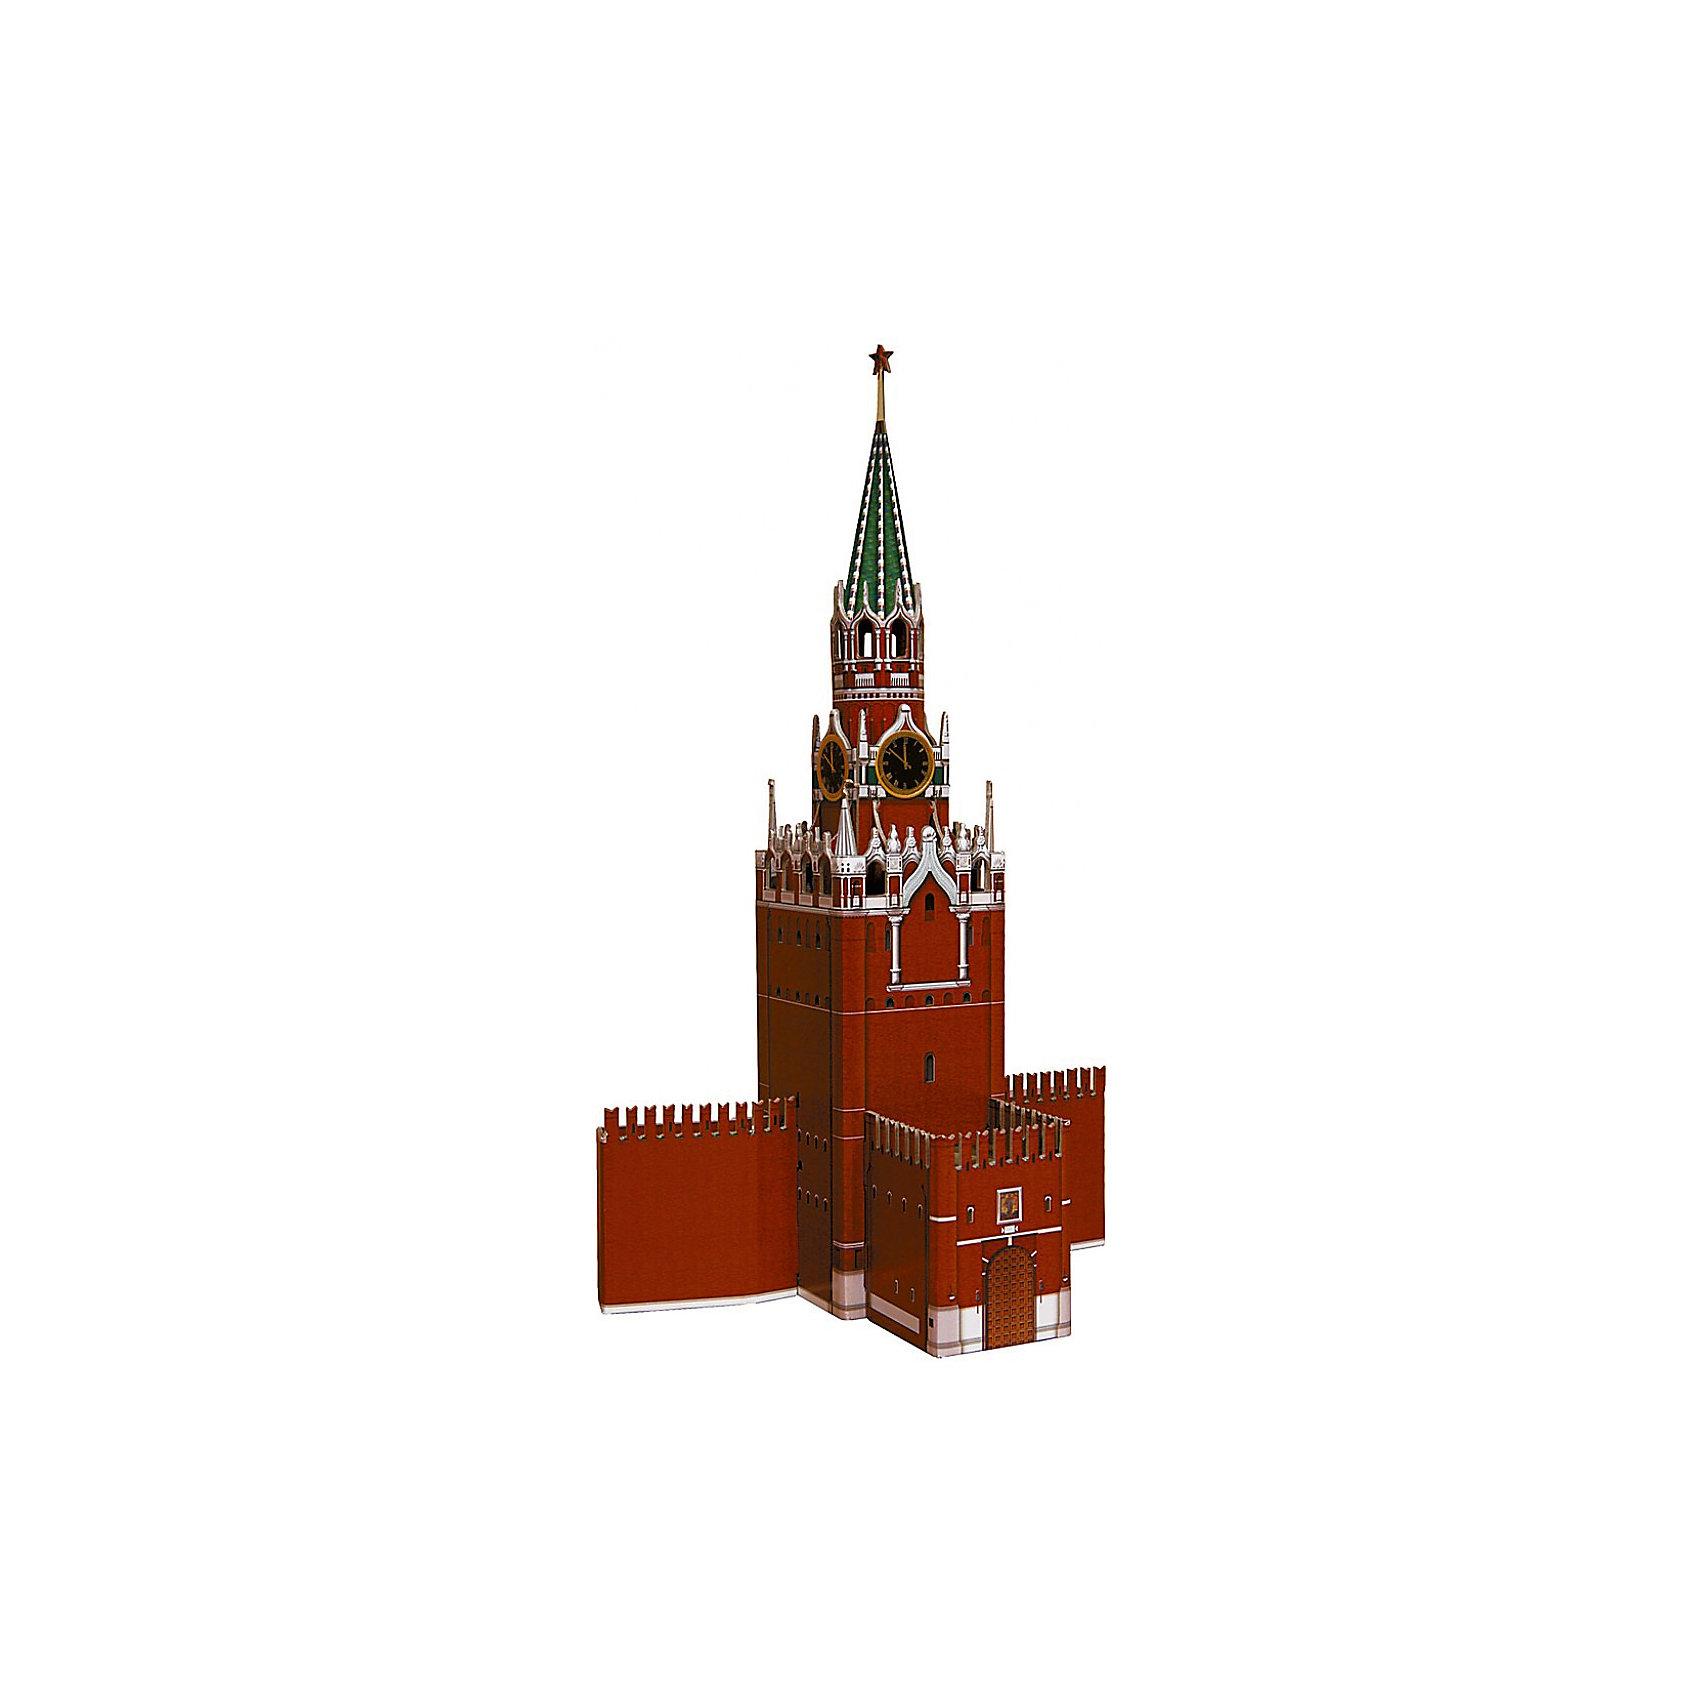 Сборная модель Спасская башняМодели из картона и бумаги<br>Этим набором издательство открывает цикл моделей башен Московского Кремля. Высокая степень детализации и реалистичные детали делают сборку конструктора очень интересным занятием. Модель собирается без ножниц и клея. Все соединения разработаны и рассчитаны с большой точностью. Конструирование -увлекательный и полезный процесс, развивающий мелкую моторику, внимание, усидчивость, пространственное мышление и фантазию.<br><br>Дополнительная информация:<br><br>- Материал: картон.<br>- Размер упаковки: 18х26 см.<br>- Размер модели: 19х11х32 см. <br><br>Сборную модель Спасская башня можно купить в нашем магазине.<br><br>Ширина мм: 181<br>Глубина мм: 263<br>Высота мм: 23<br>Вес г: 310<br>Возраст от месяцев: 72<br>Возраст до месяцев: 168<br>Пол: Унисекс<br>Возраст: Детский<br>SKU: 4697730